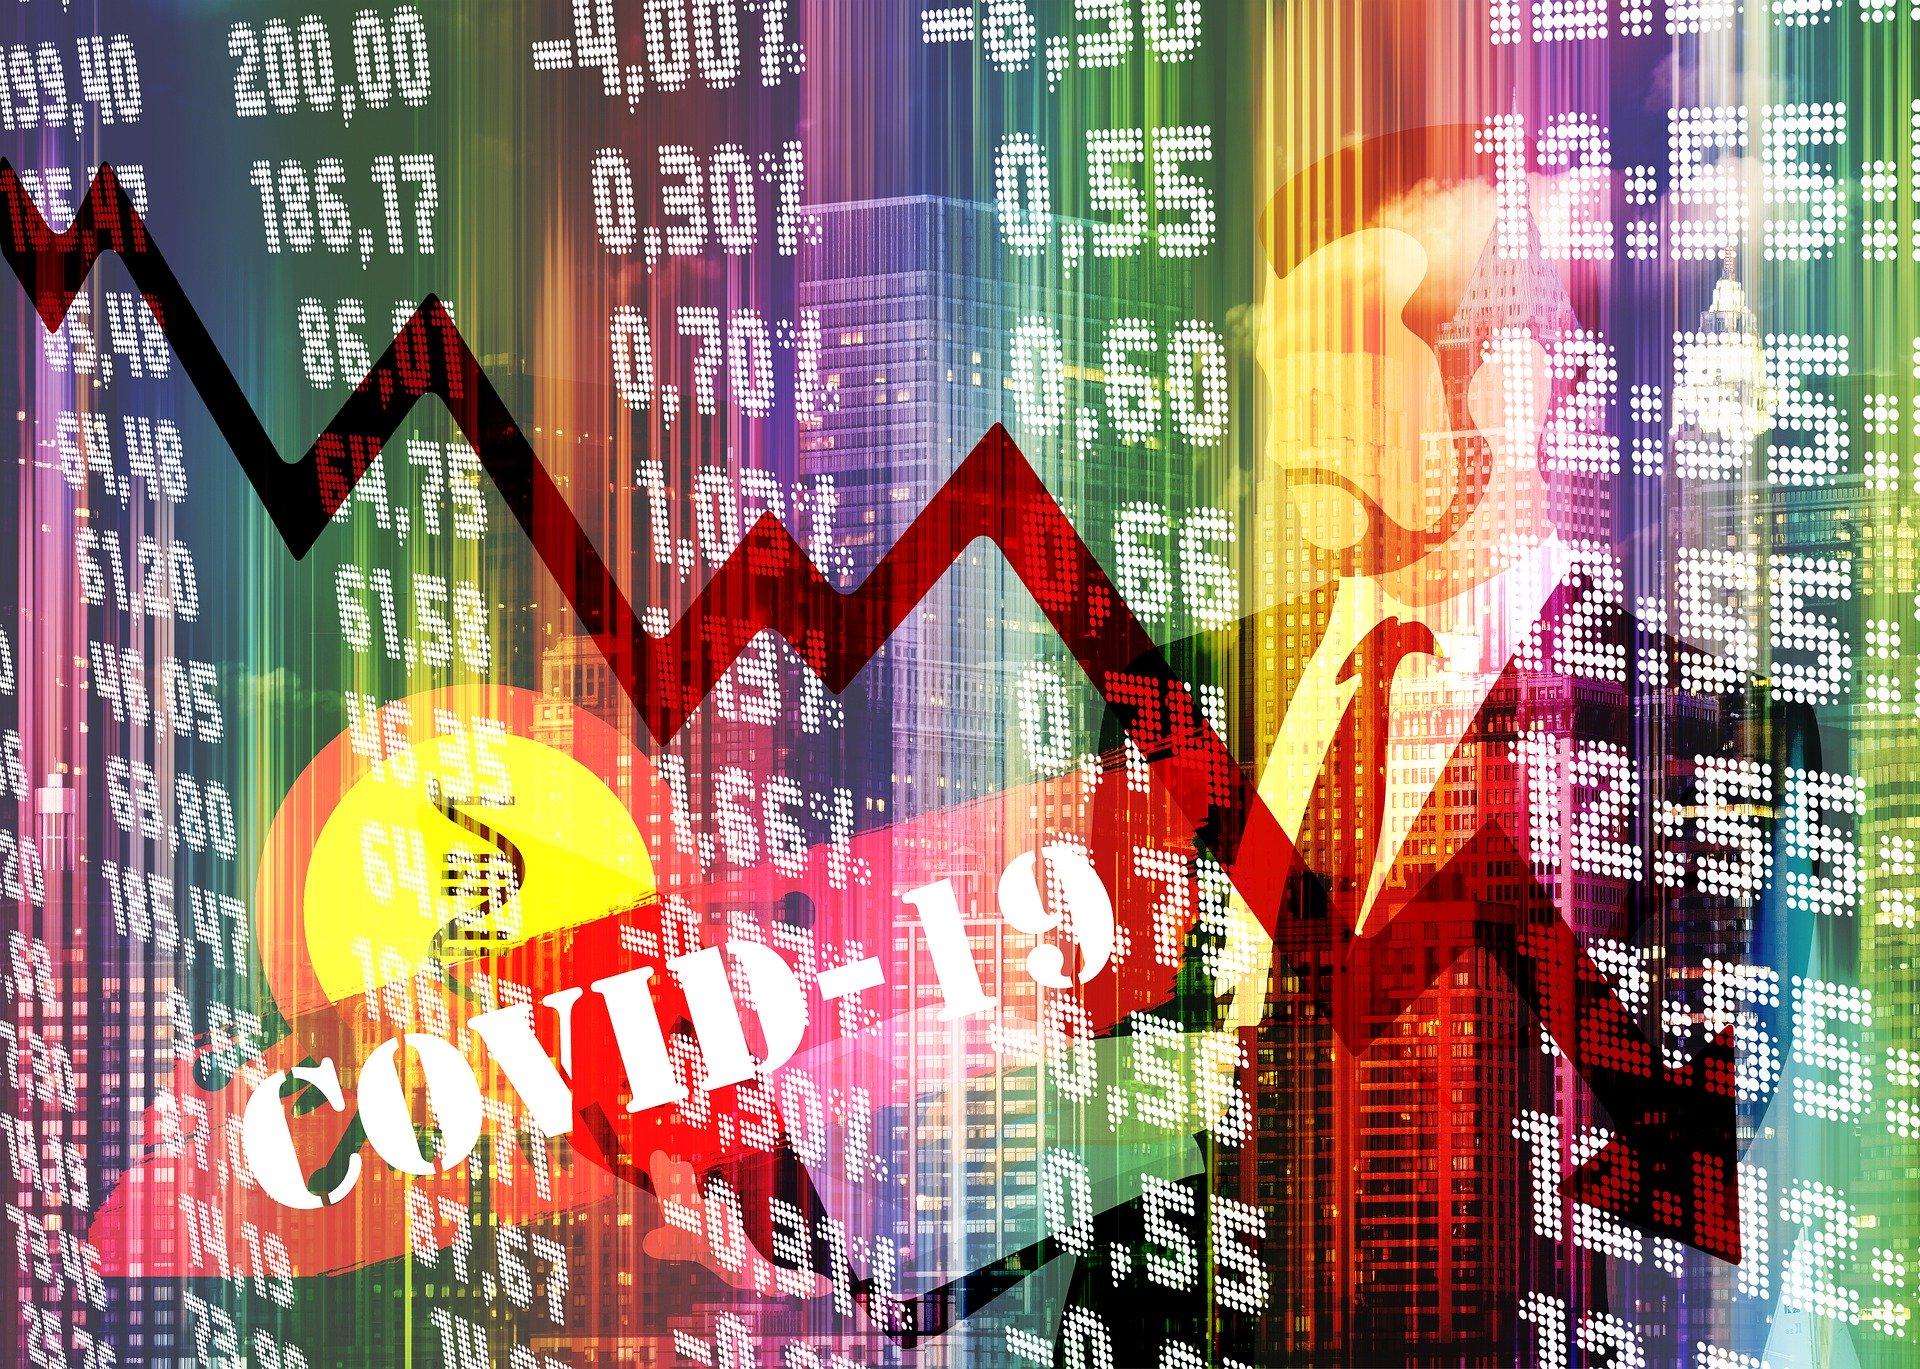 Ekonomiści nie mają wątpliwości, że nawet gdy epidemia koronawirusa minie to poważne problemy gospodarcze zostaną w Polsce jeszcze przez długie miesiące (fot. pixabay)